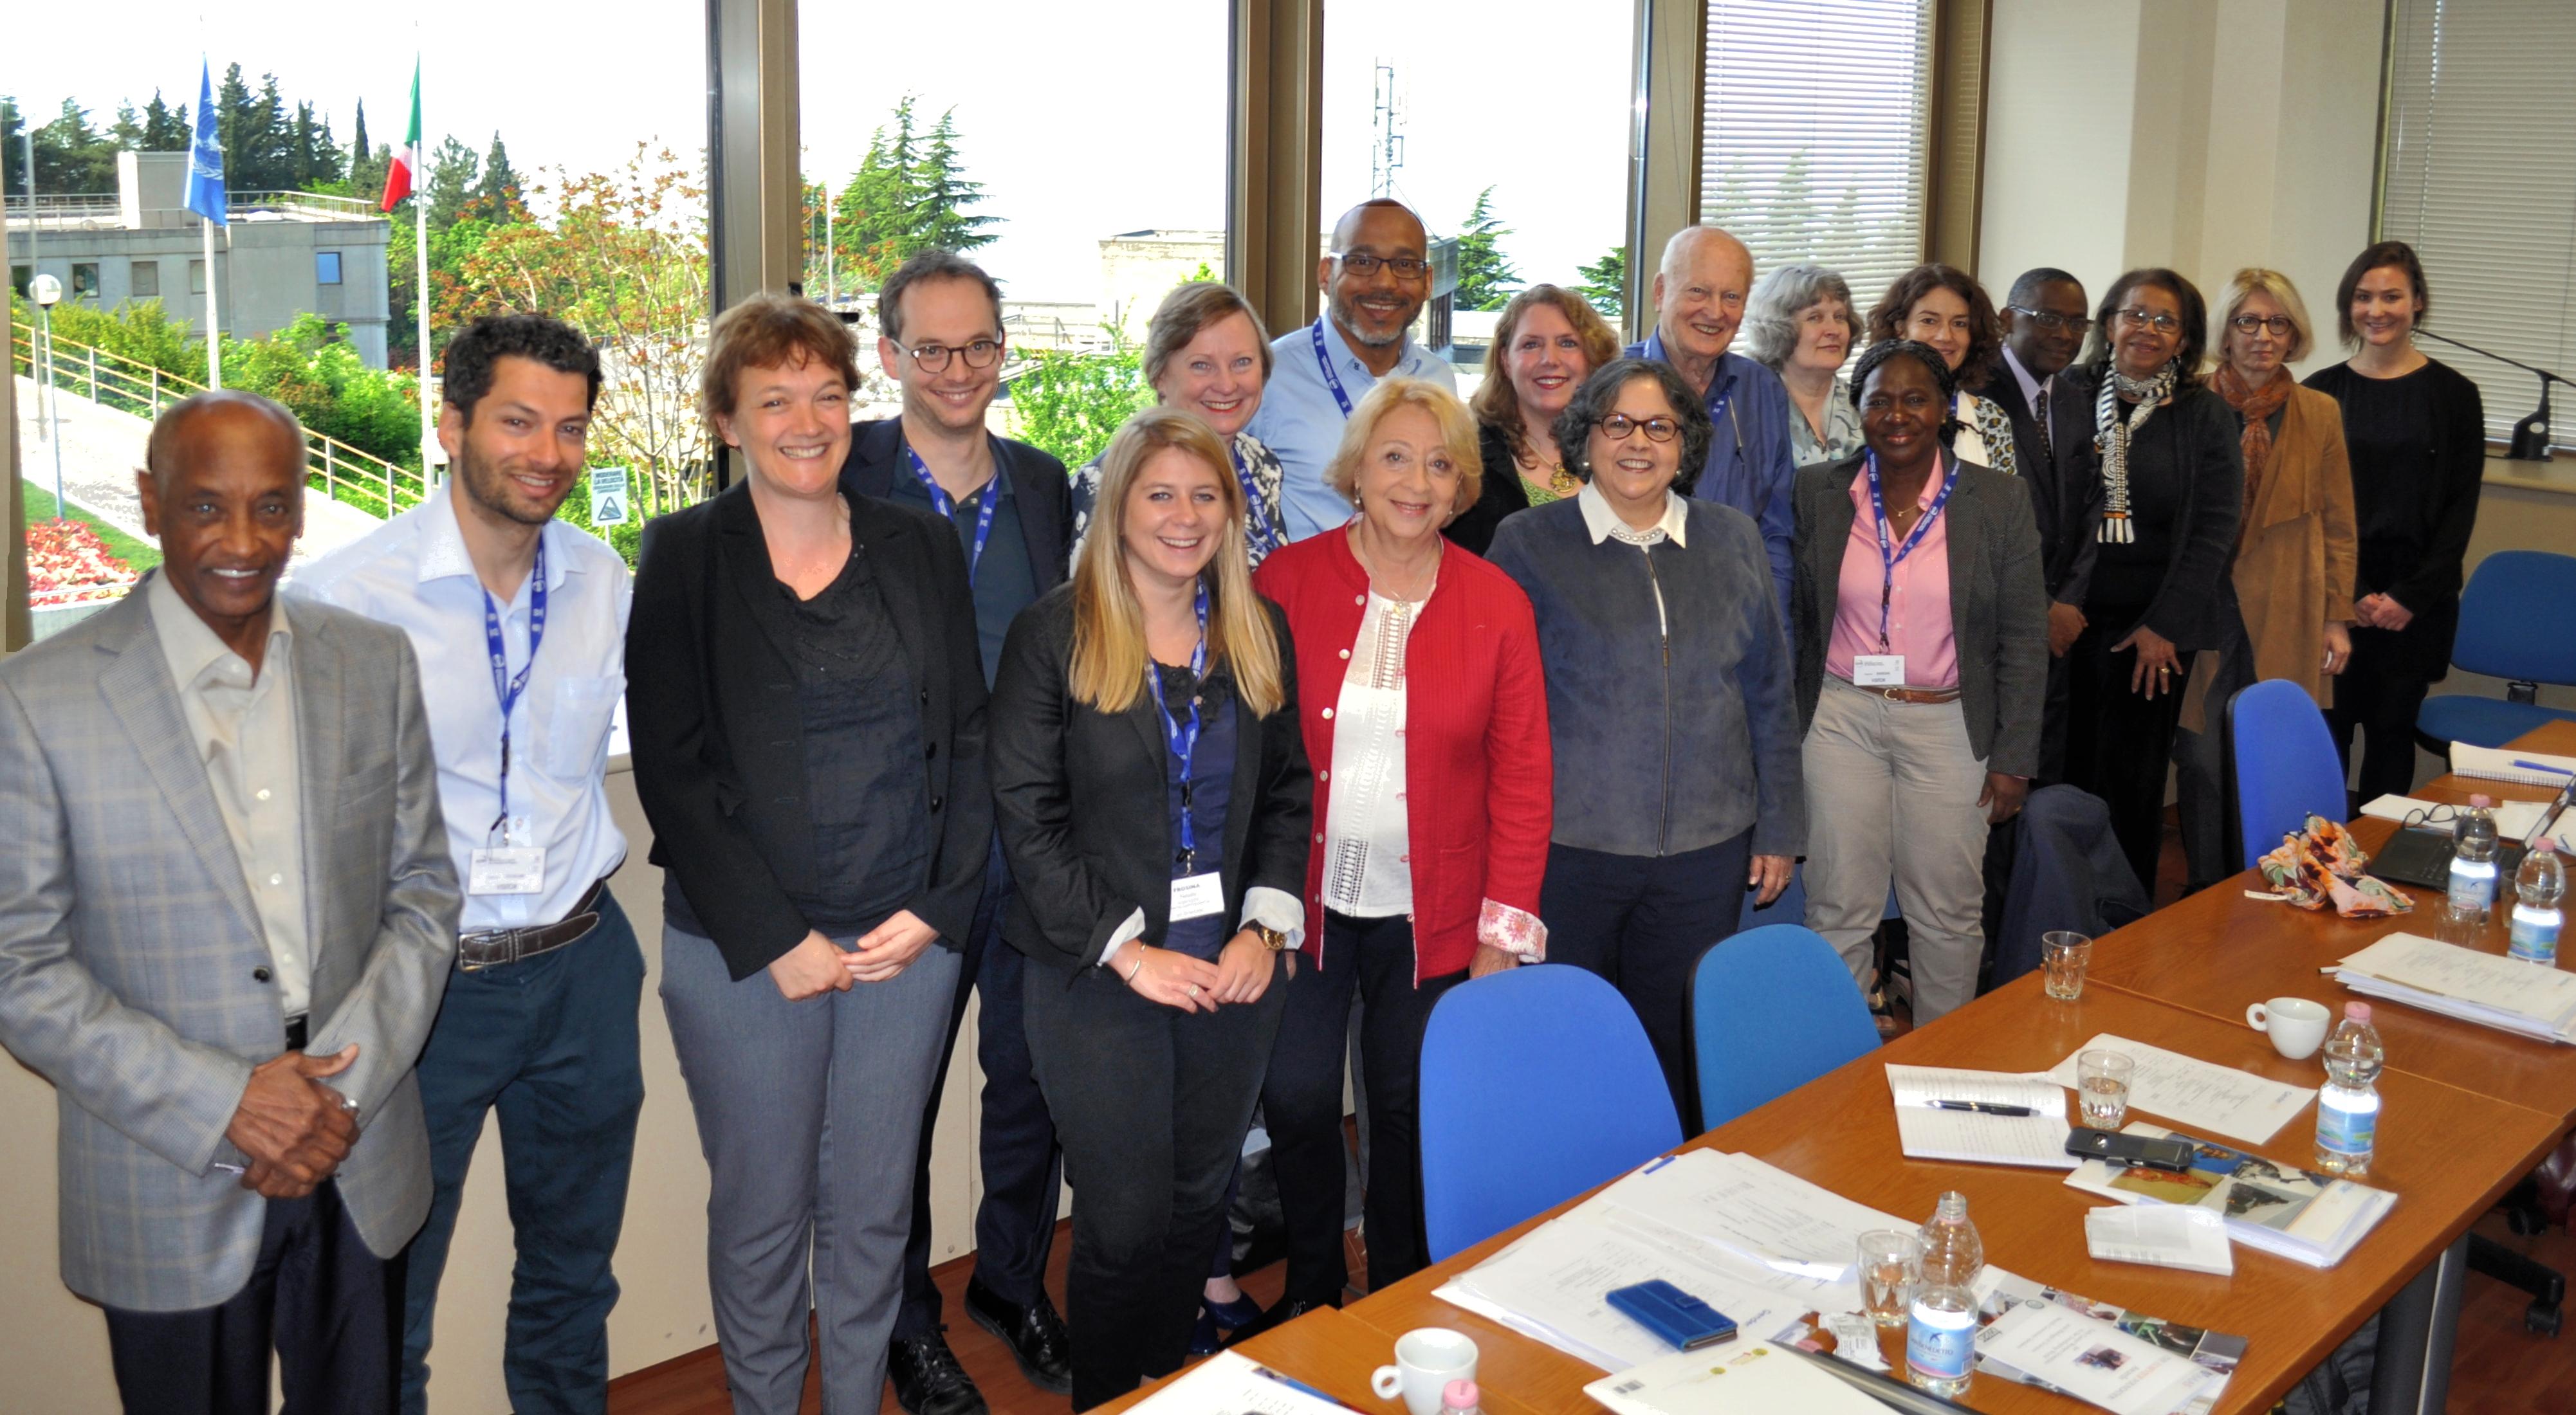 GenderInSITE Steering Committee members and partners at its April 2016 meeting in Trieste, Italy. / © GenderInSITE Secretariat